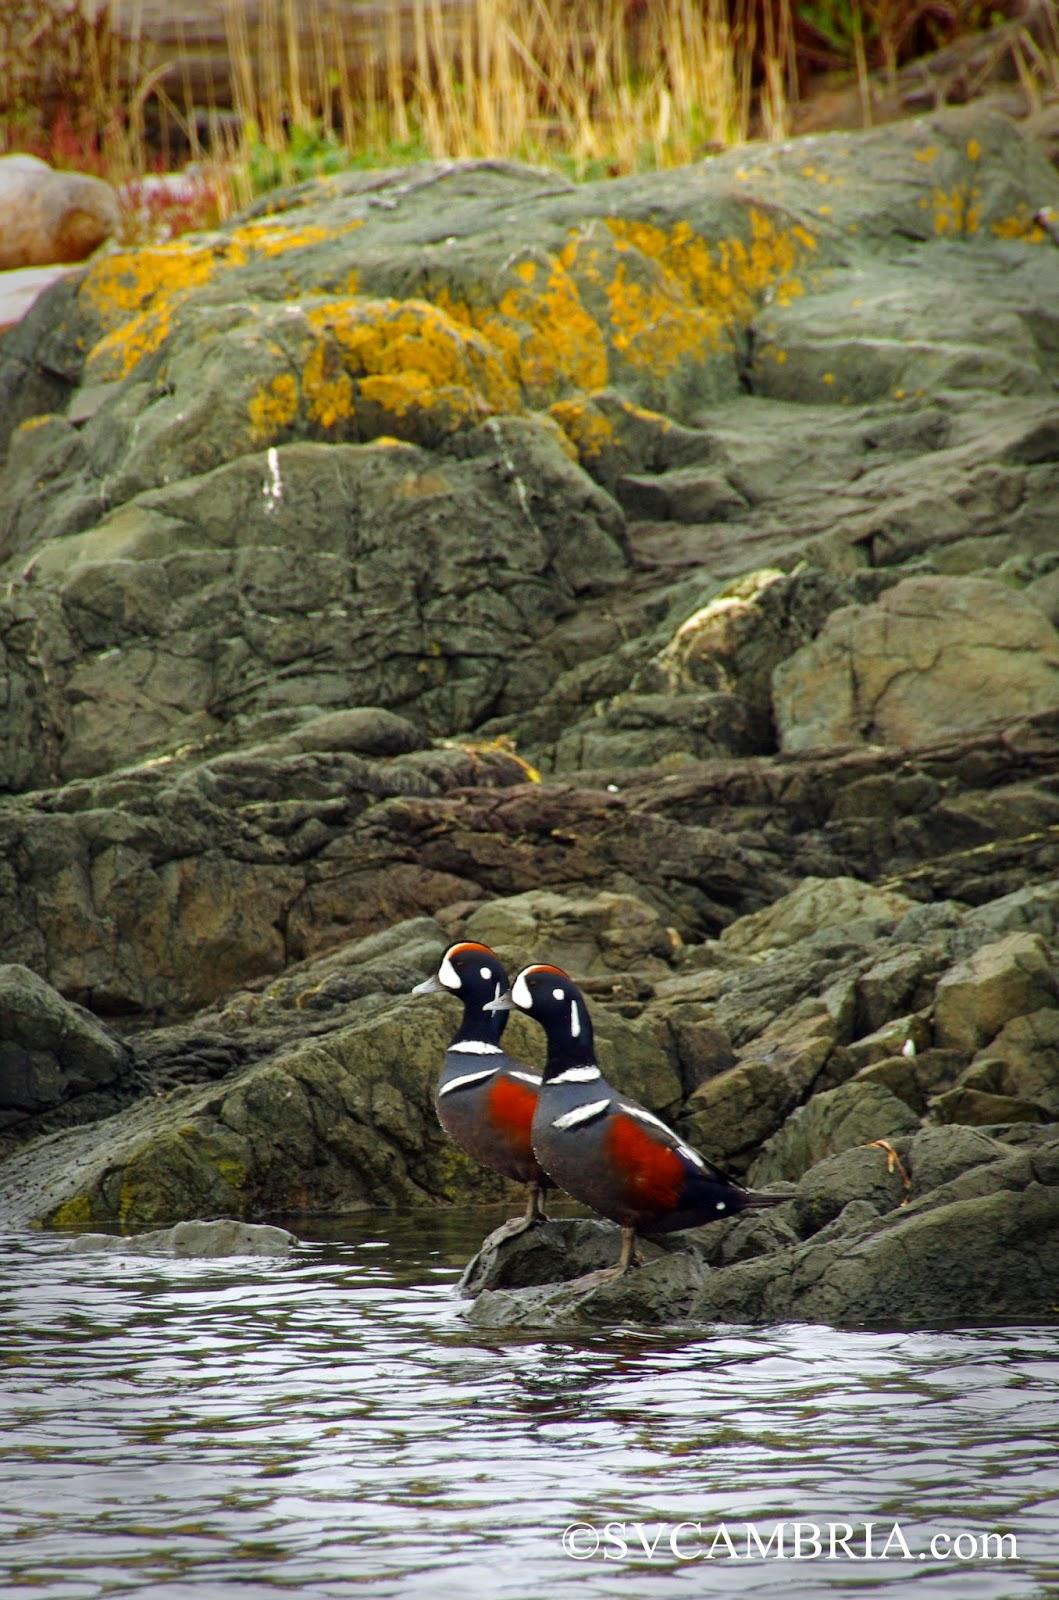 Harlequin ducks on Mitlenatch Island.